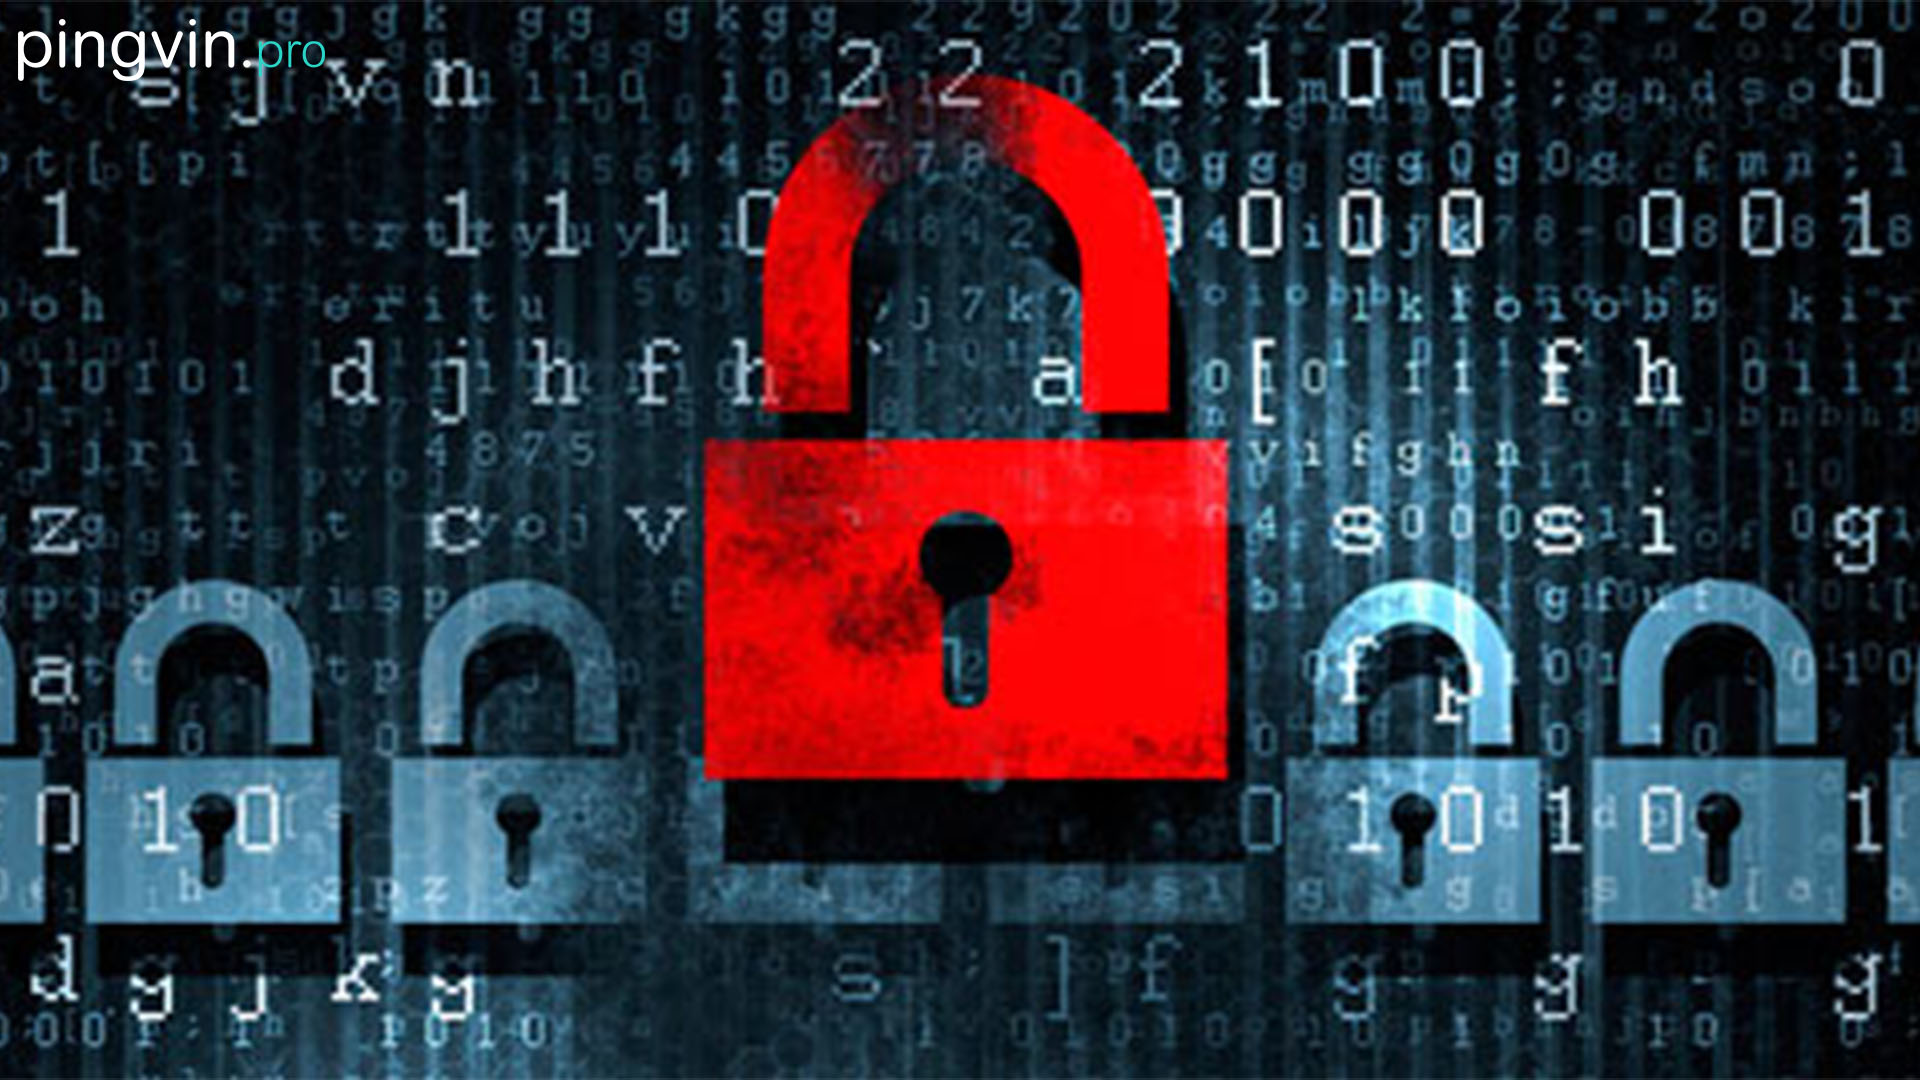 Дія / організаційно-технічну модель кіберзахисту / Хакер / сайт Конституційного суду / Розширення / двофакторну автентифікацію / Український хакер / персональні дані